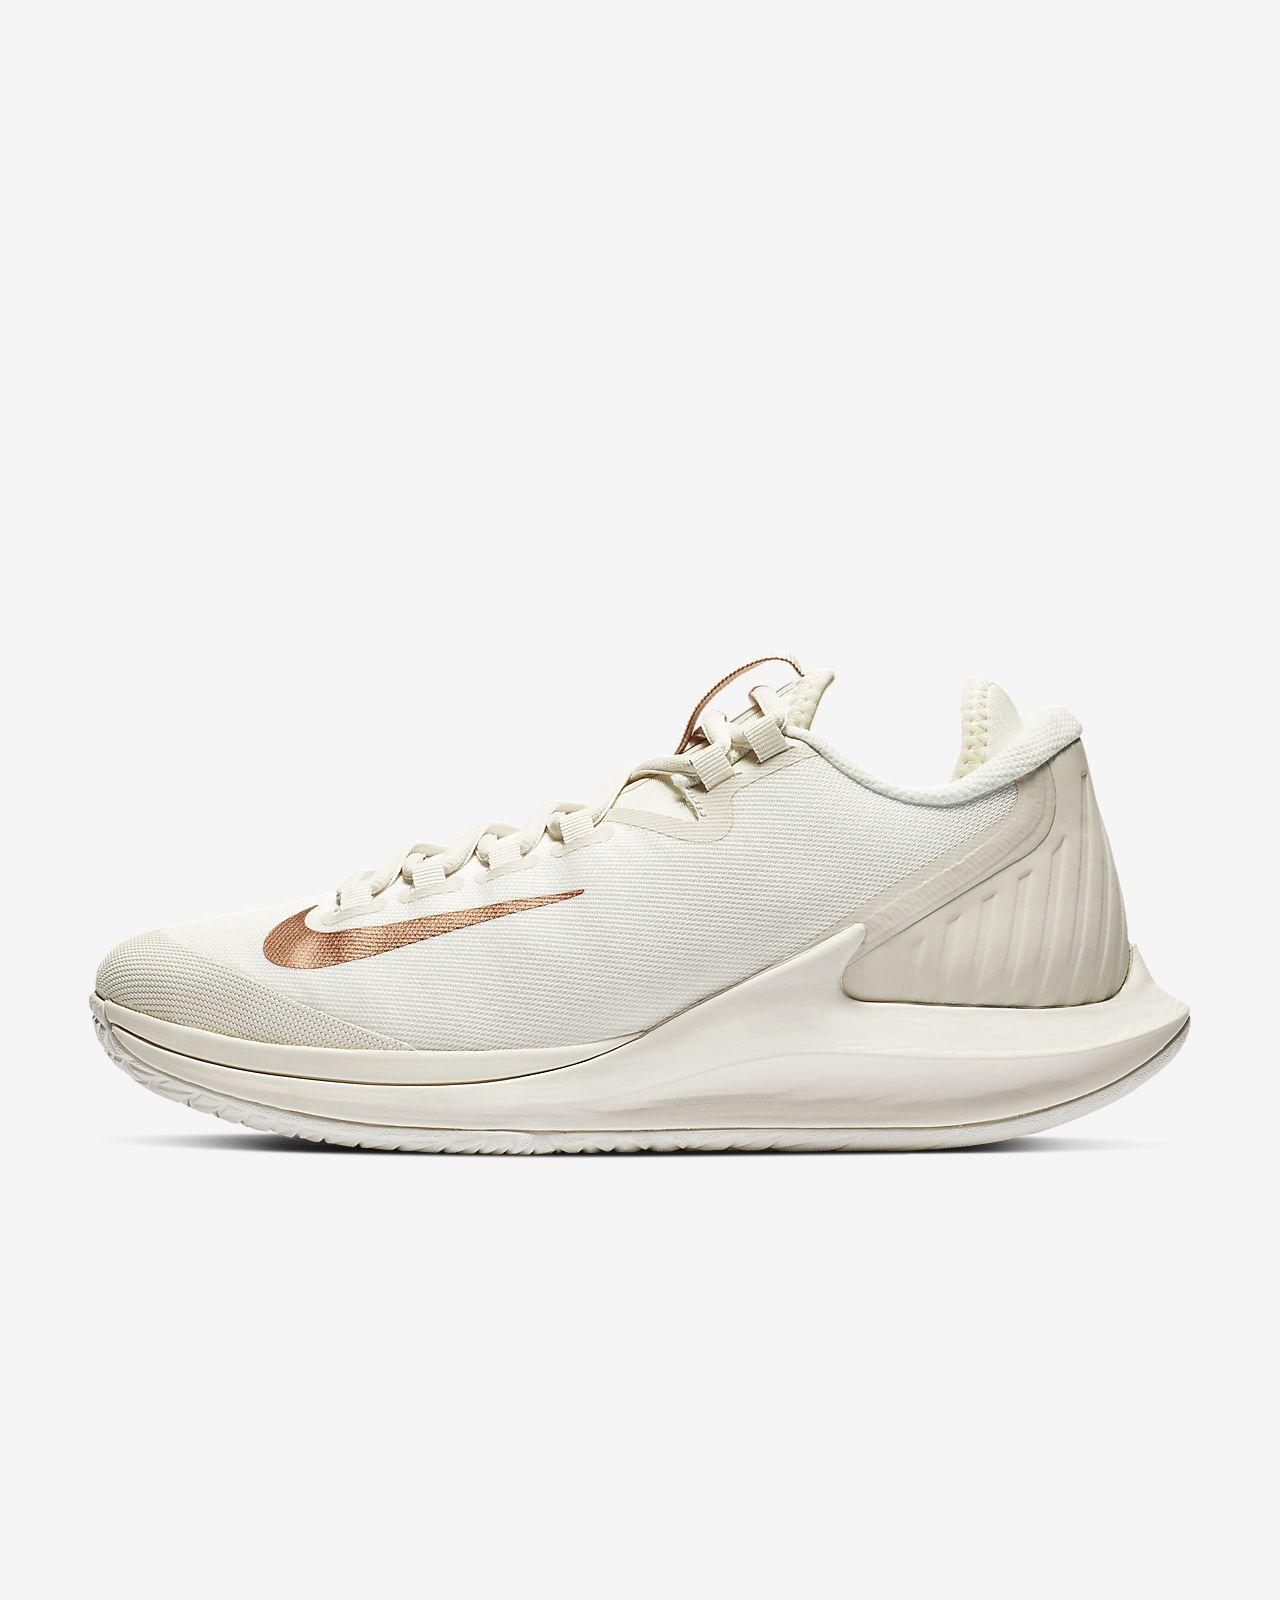 cheap for discount 1fa0b 06d1d ... Chaussure de tennis NikeCourt Air Zoom Zero pour Femme